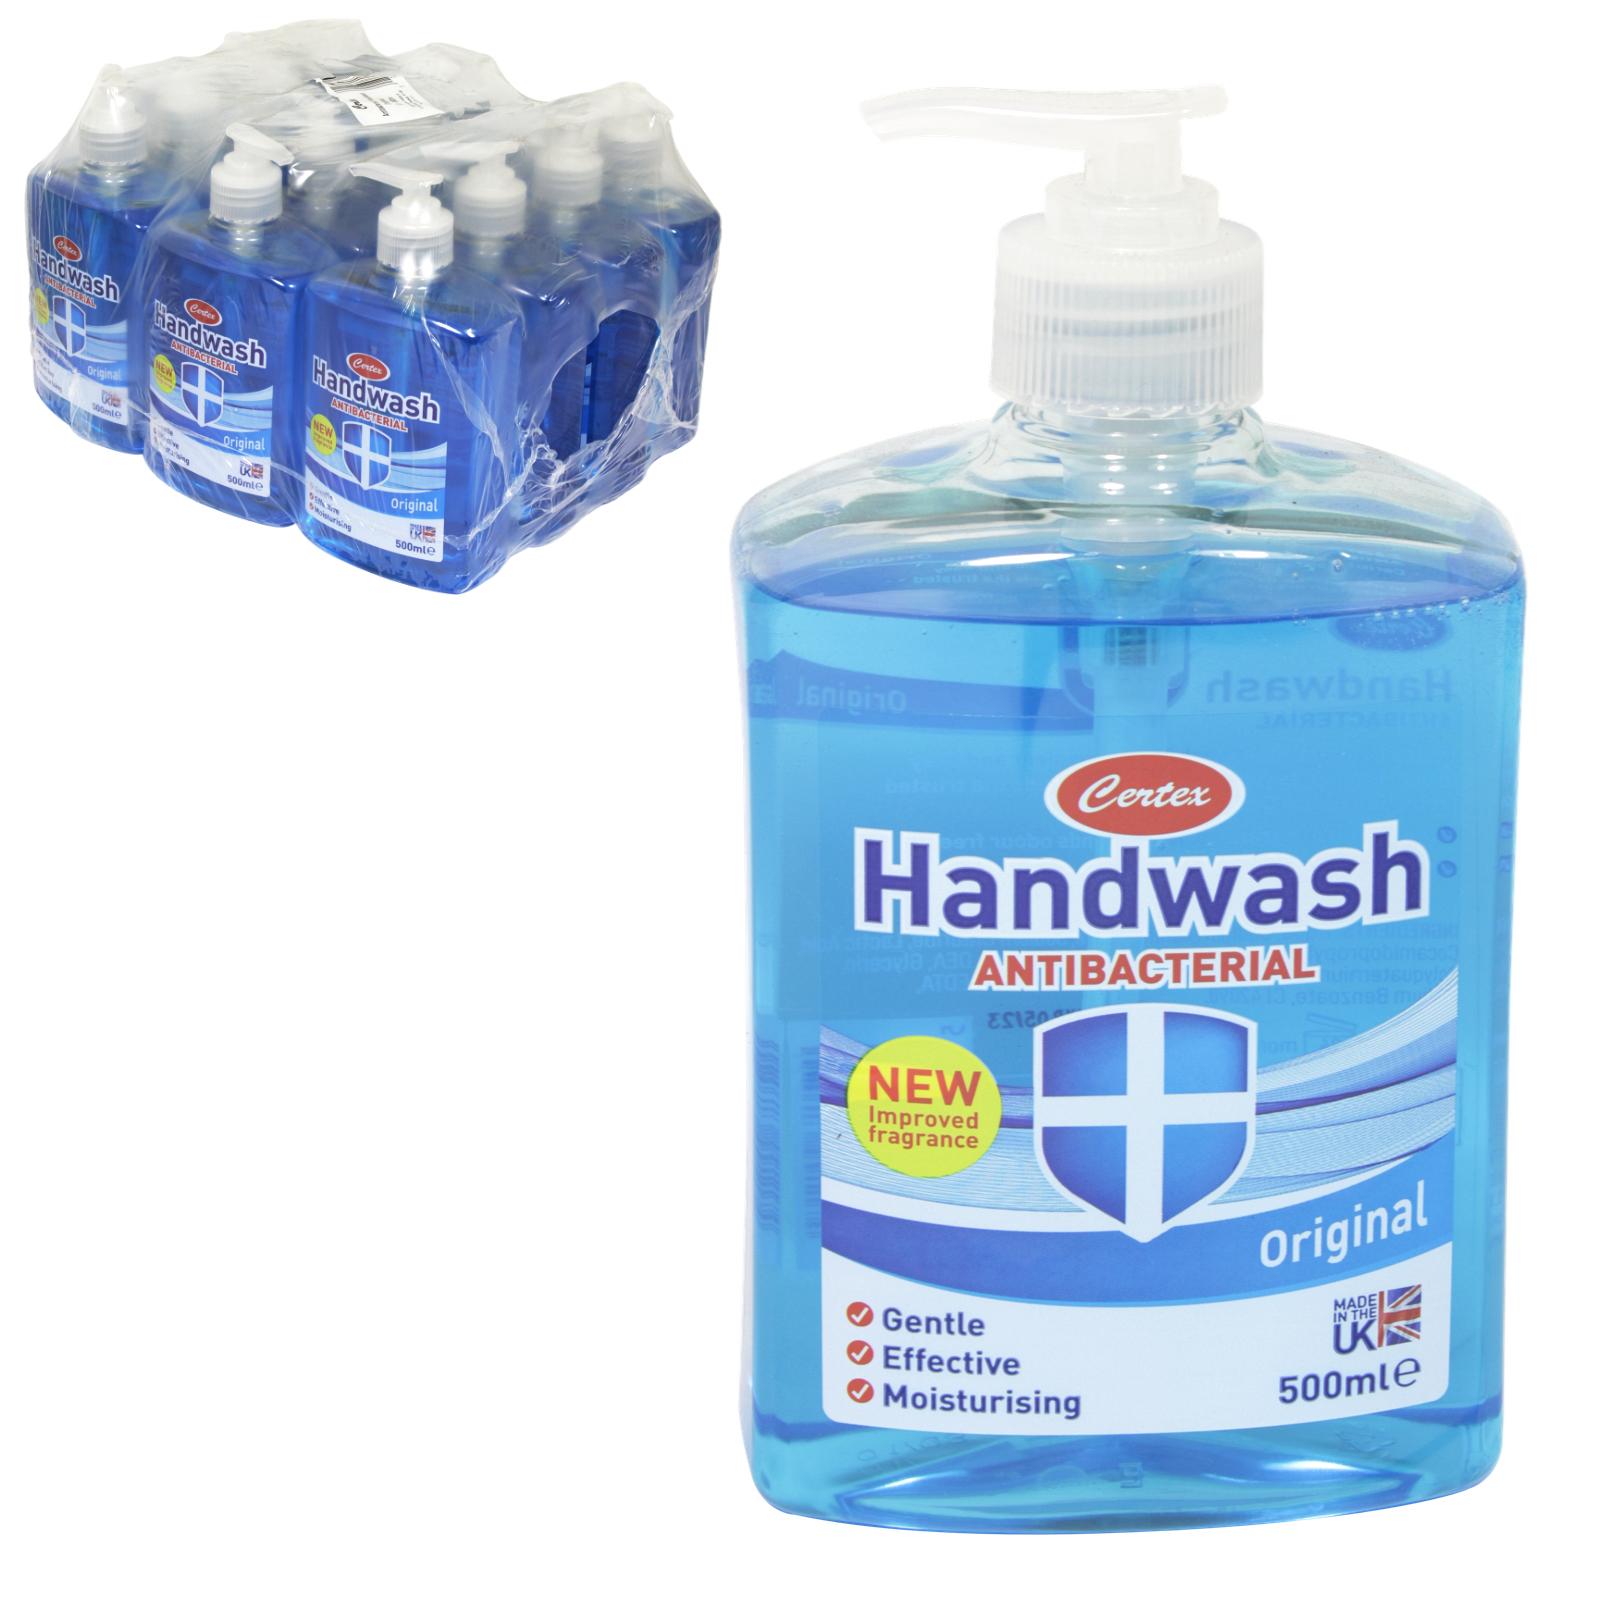 CERTEX ANTI-BAC HAND WASH ORIGINAL BLUE X12